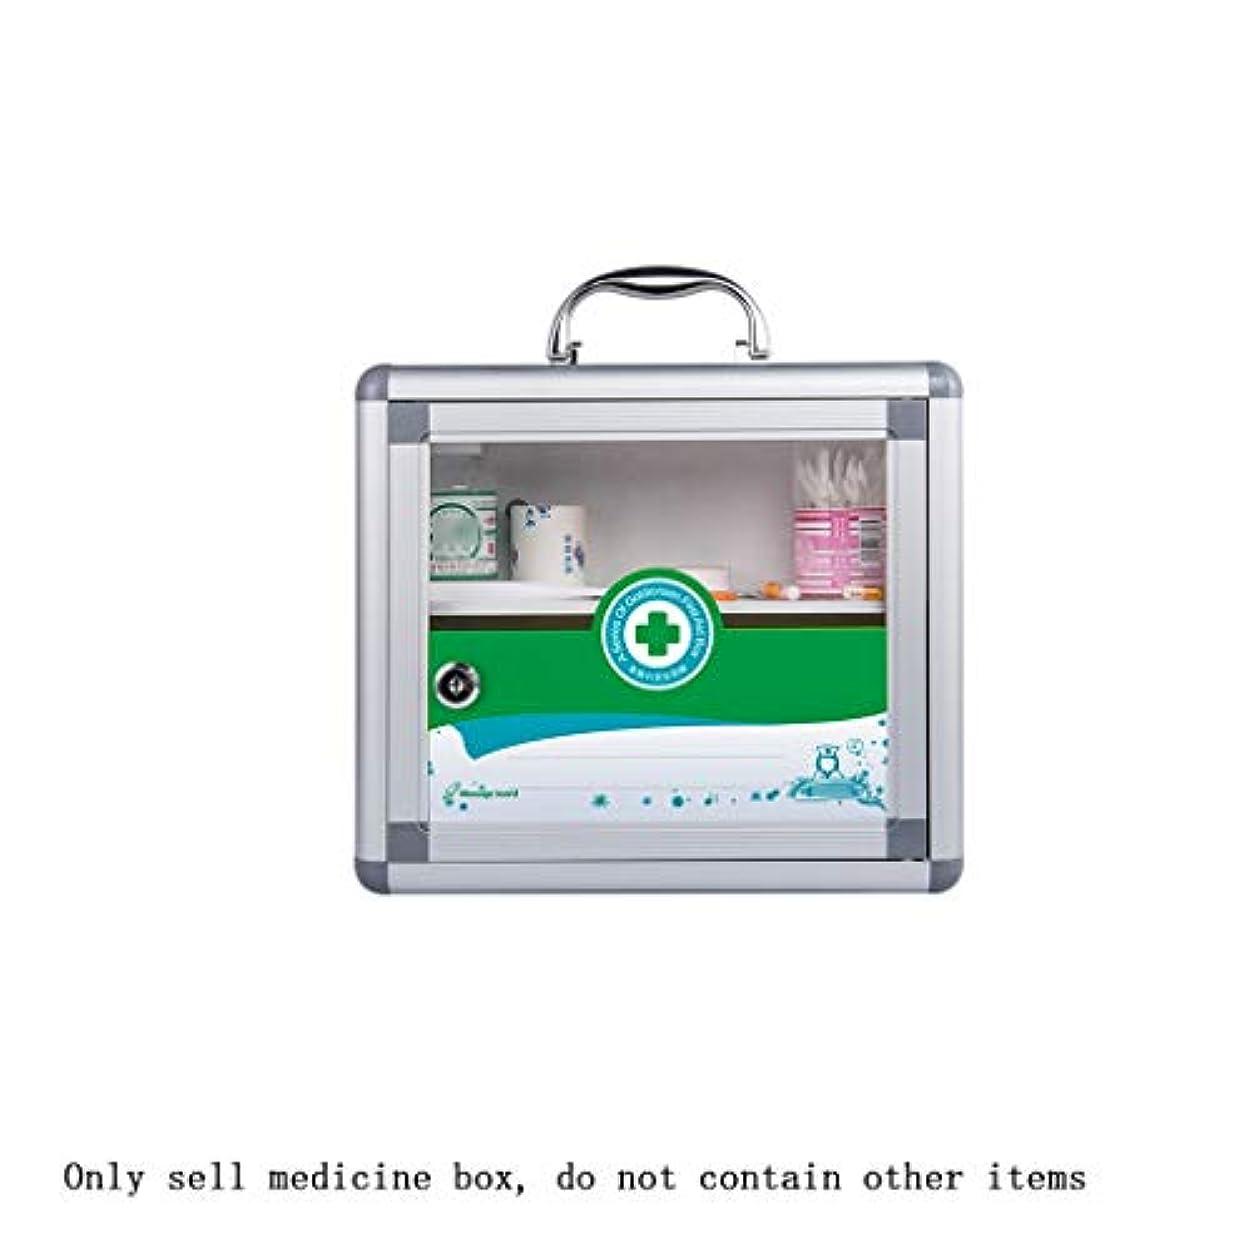 パワーなんとなくむき出し家庭用薬品箱多層医療箱大容量薬品収納箱壁掛け薬品箱 があります GBYGDQ (Size : 30×11×26cm)